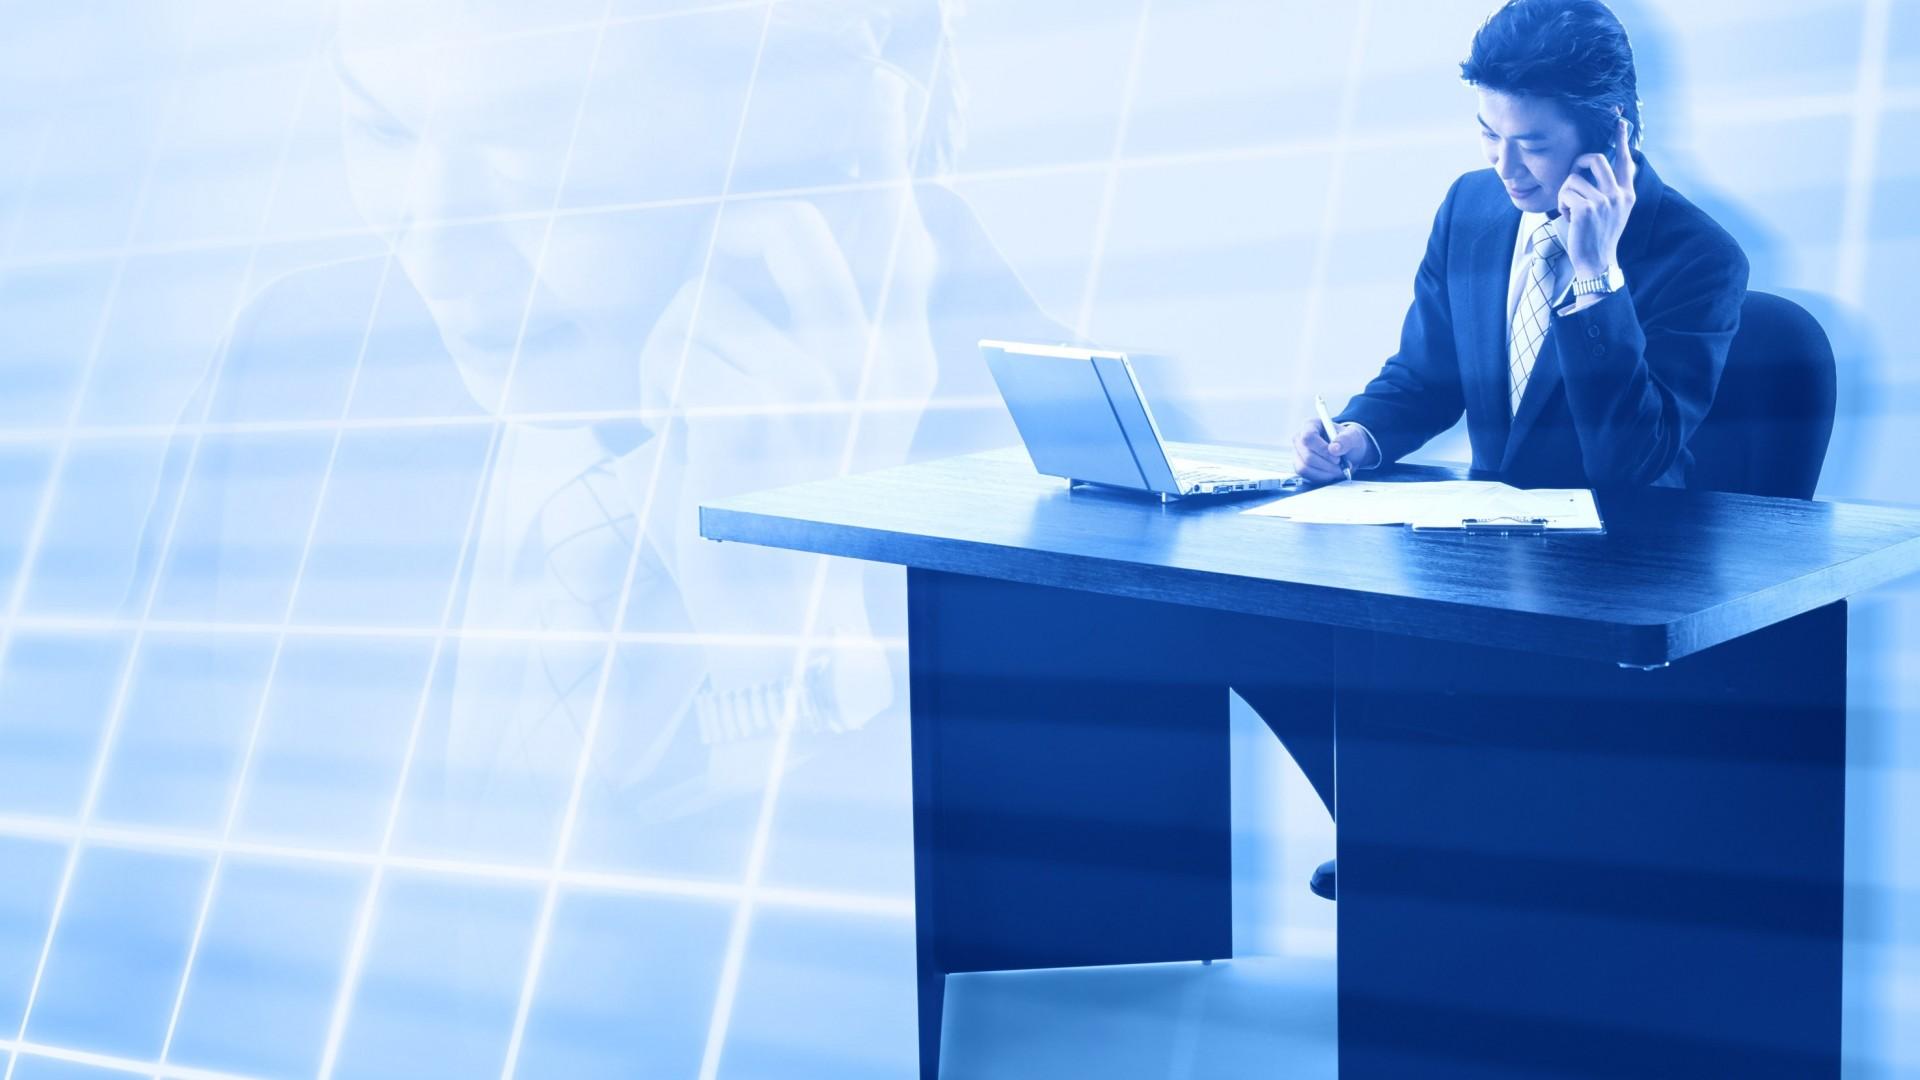 3d Cisco 2016 Hd Wallpaper Free Business Backgrounds Pixelstalk Net